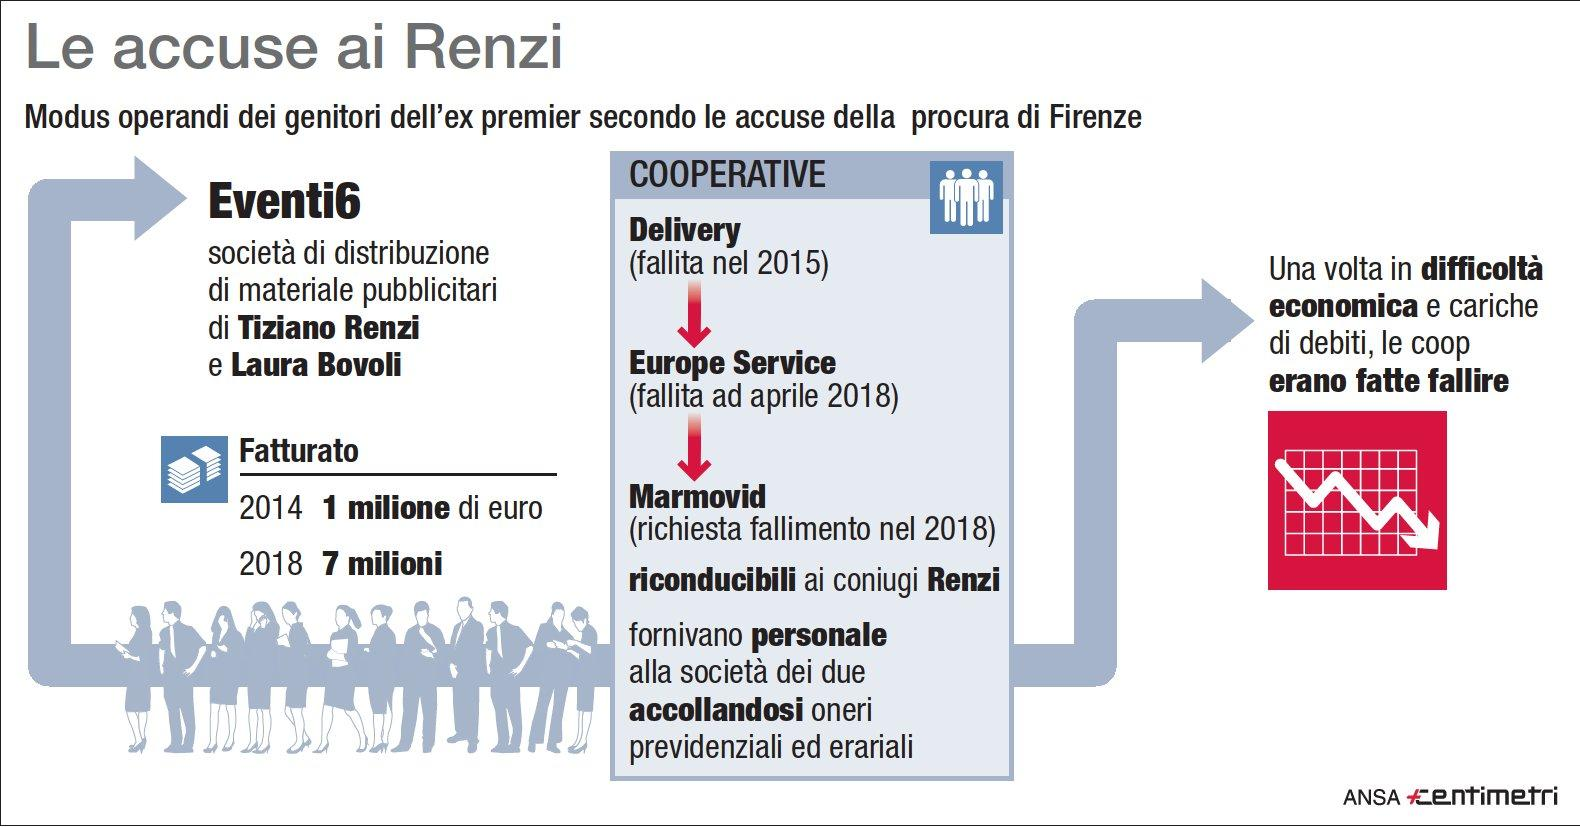 Le accuse della Procura ai Renzi